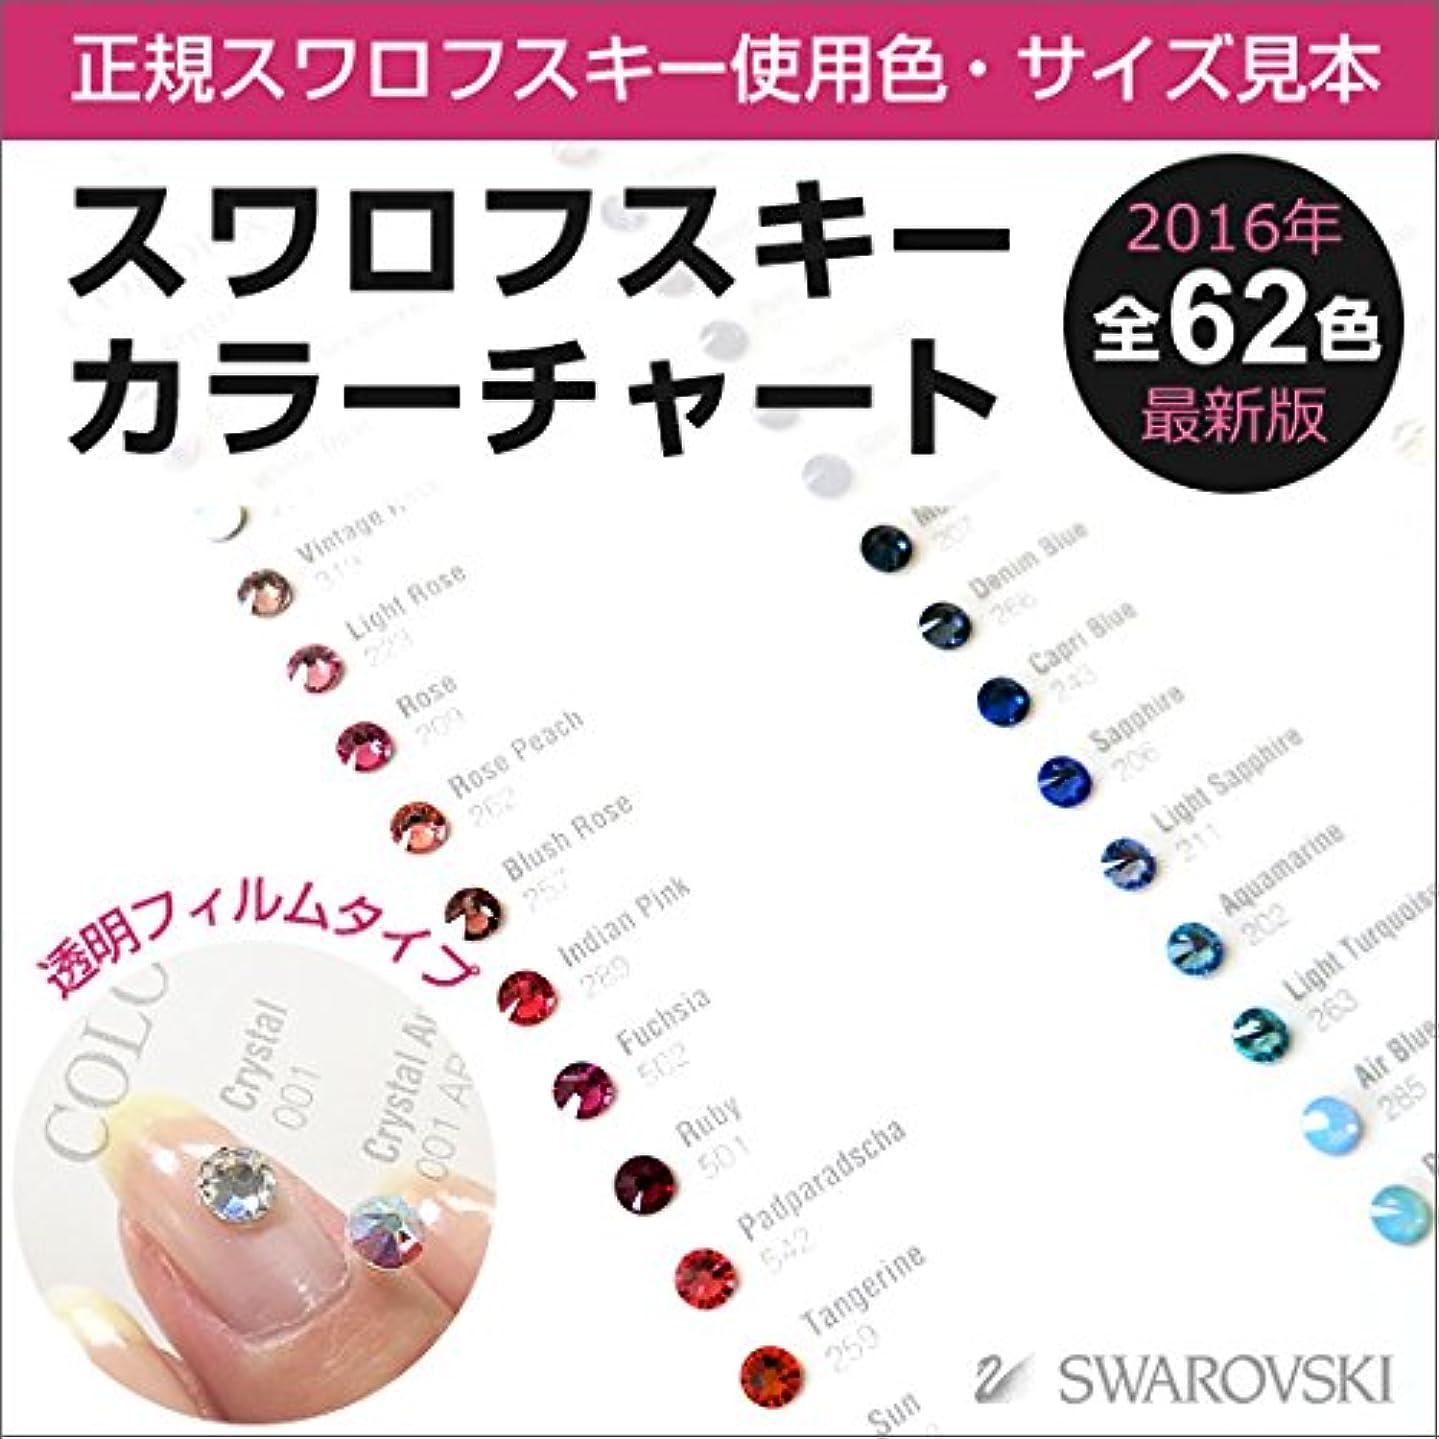 【全62色】スワロフスキー カラーチャート(色&サイズ見本) 透明フィルムタイプ